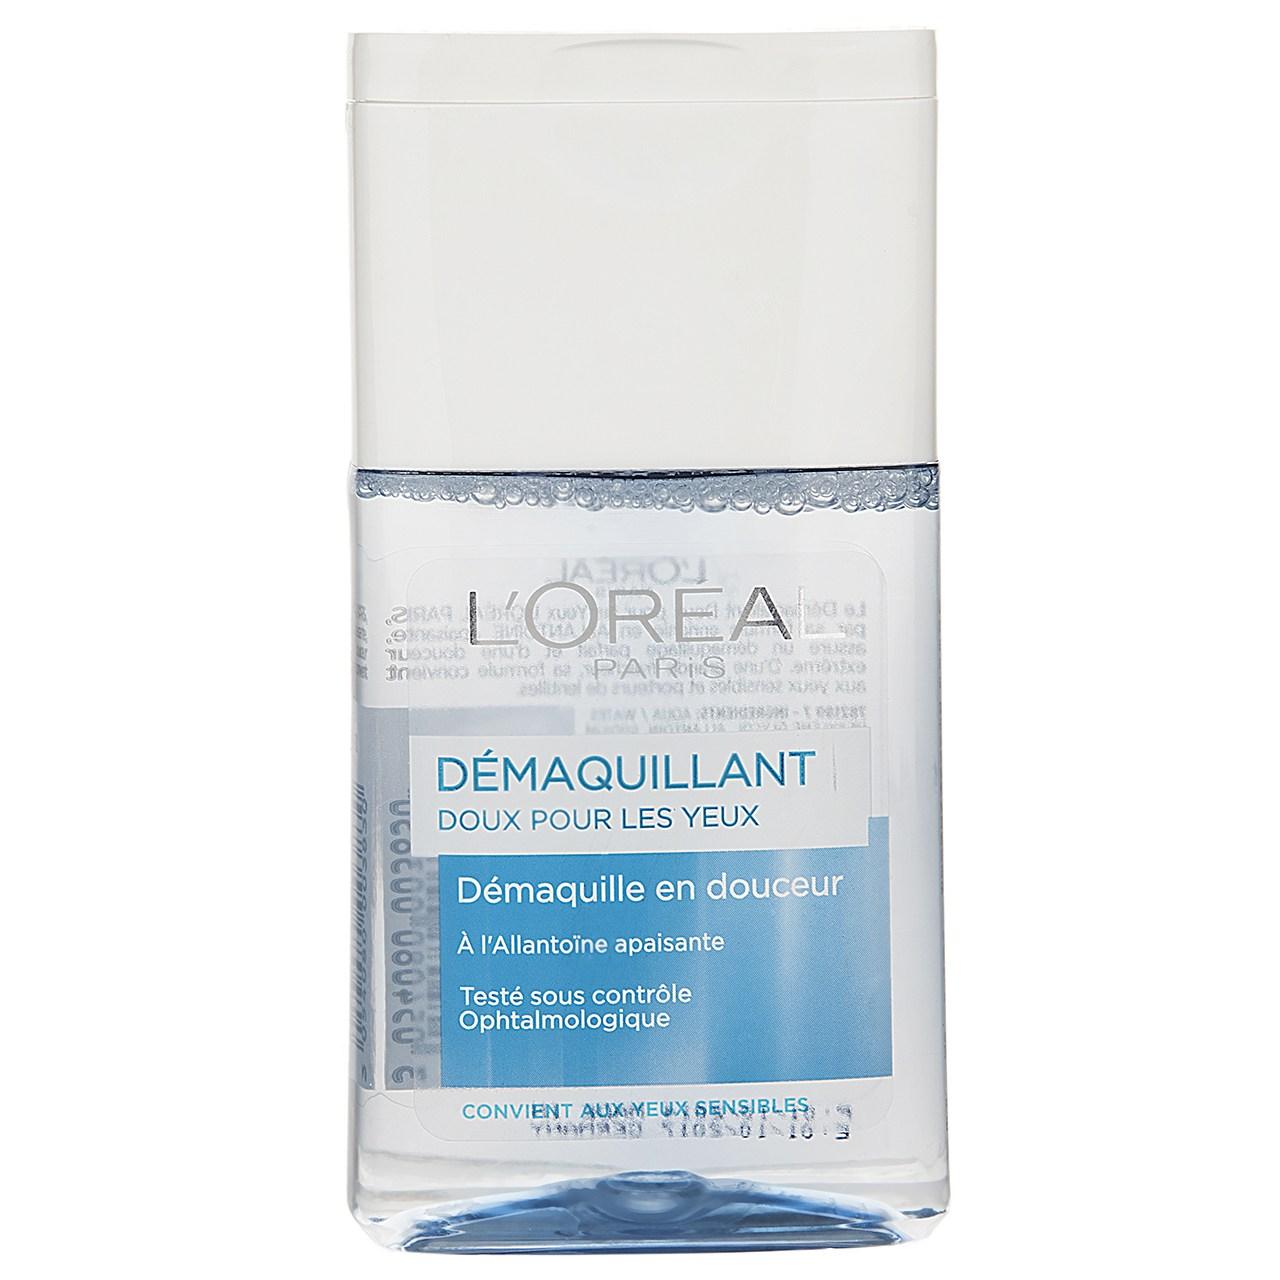 پاک کننده آرایش چشم لورآل مدل demaquillant